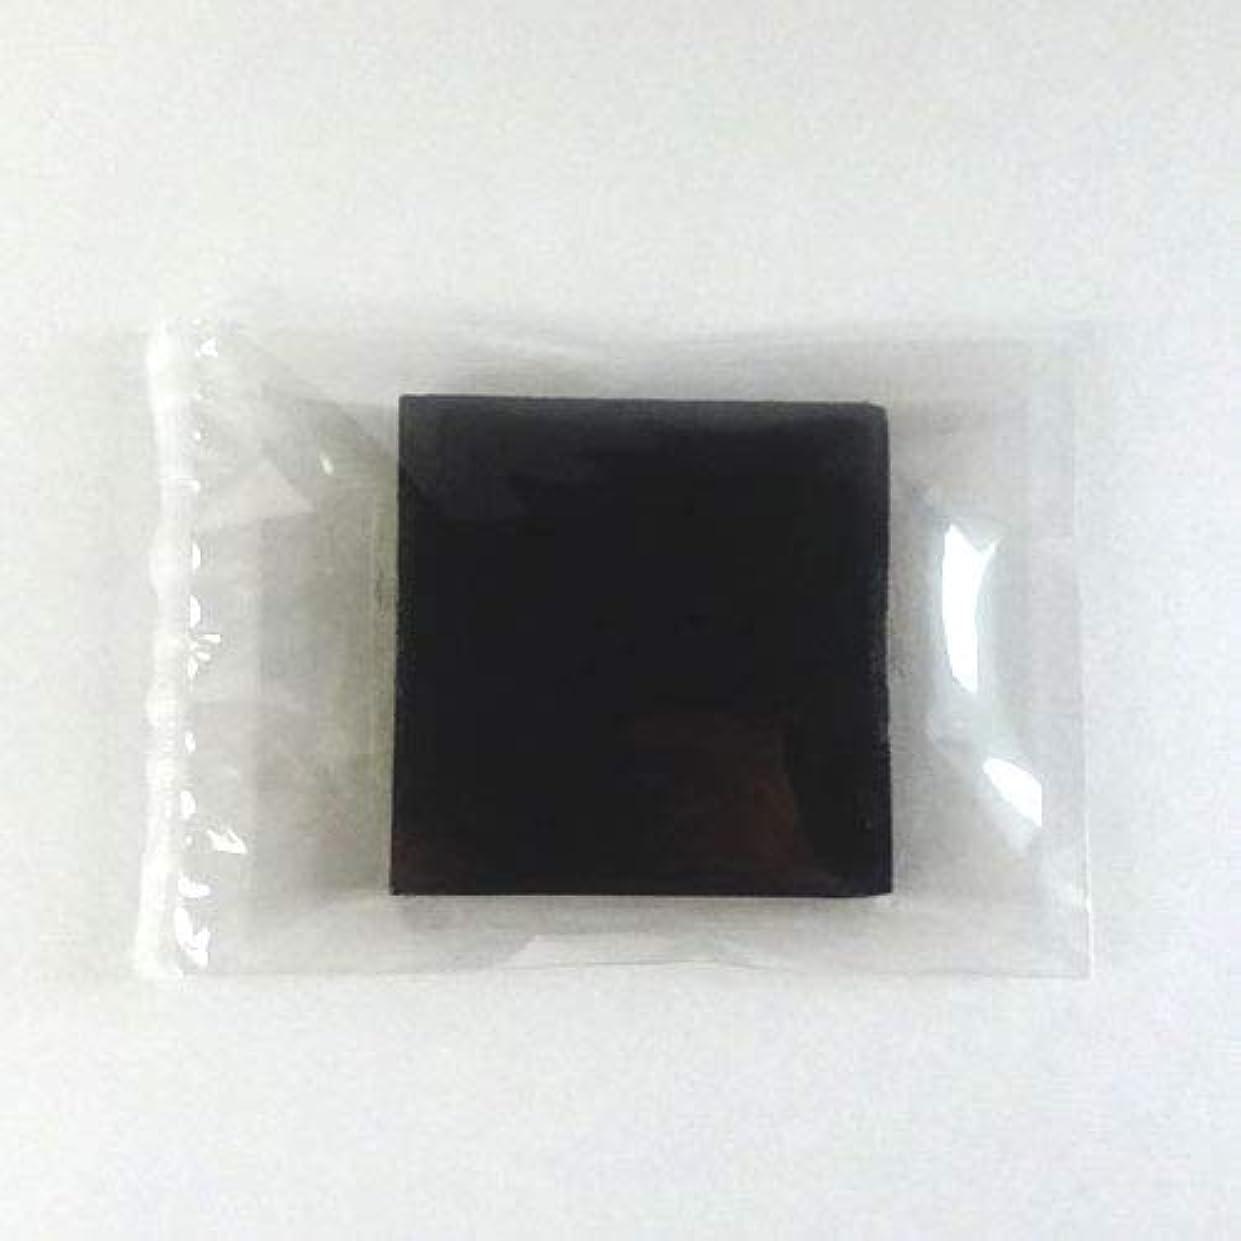 依存する手綱歪めるグリセリンソープ MPソープ 色チップ 黒(ブラック) 120g(30g x 4pc)